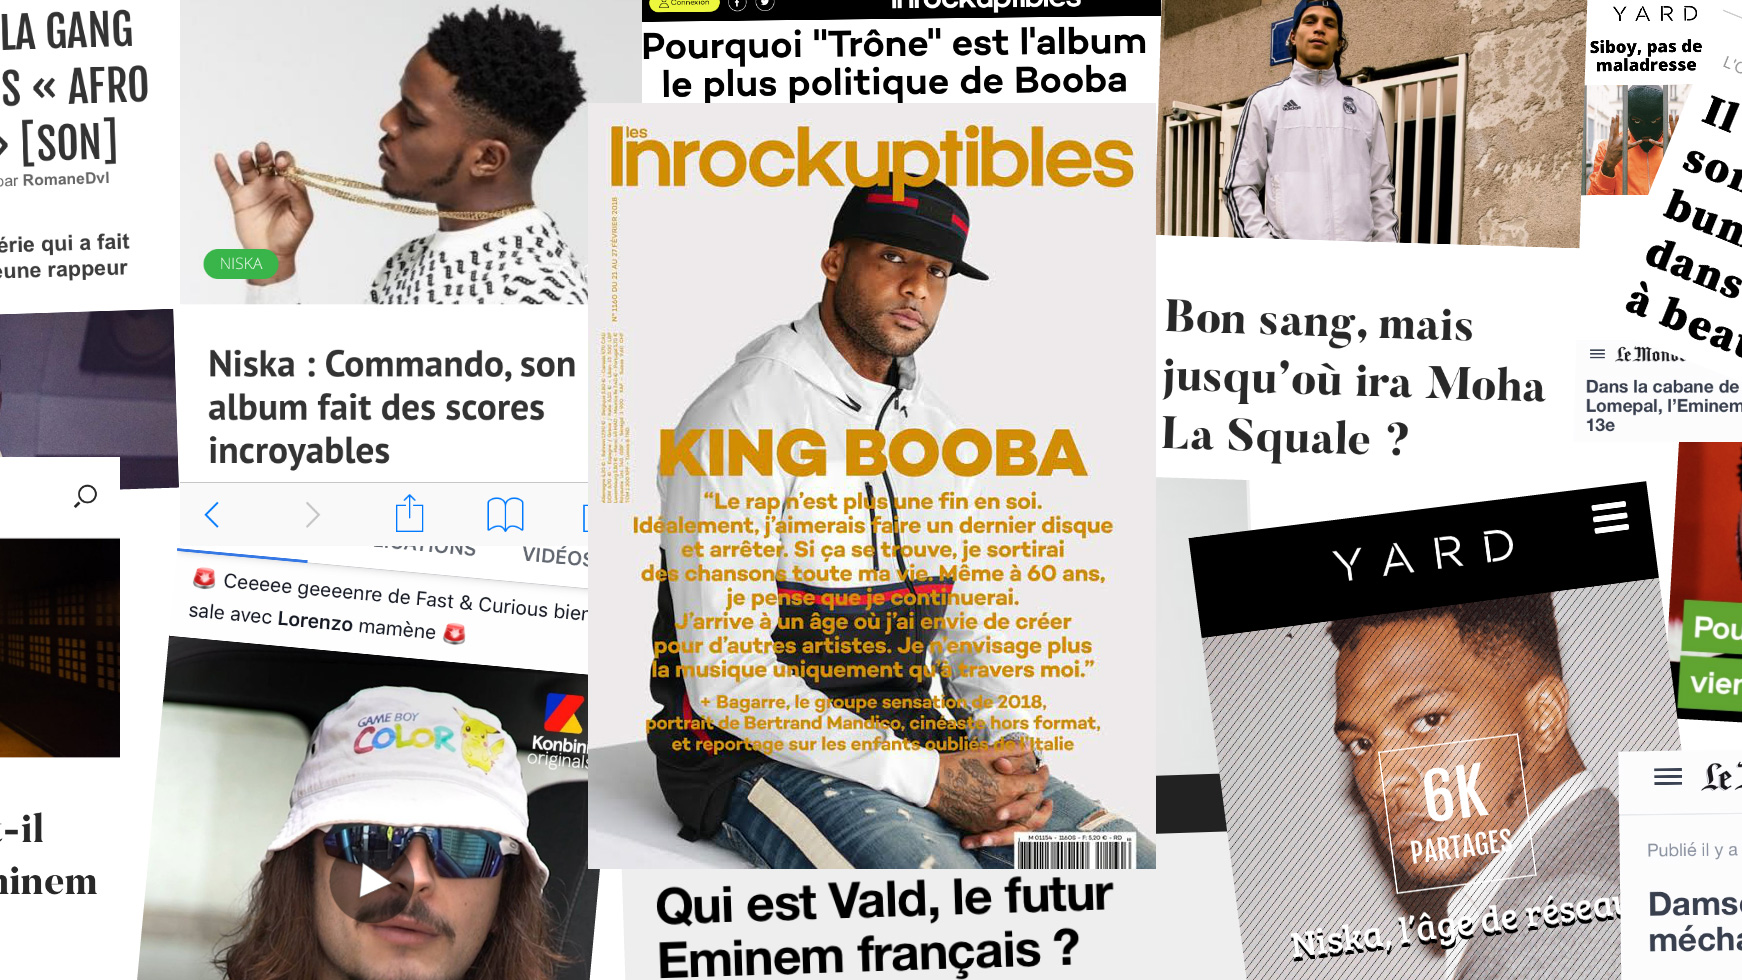 medias-musicaux-france-critique-albums-rap-francais-2